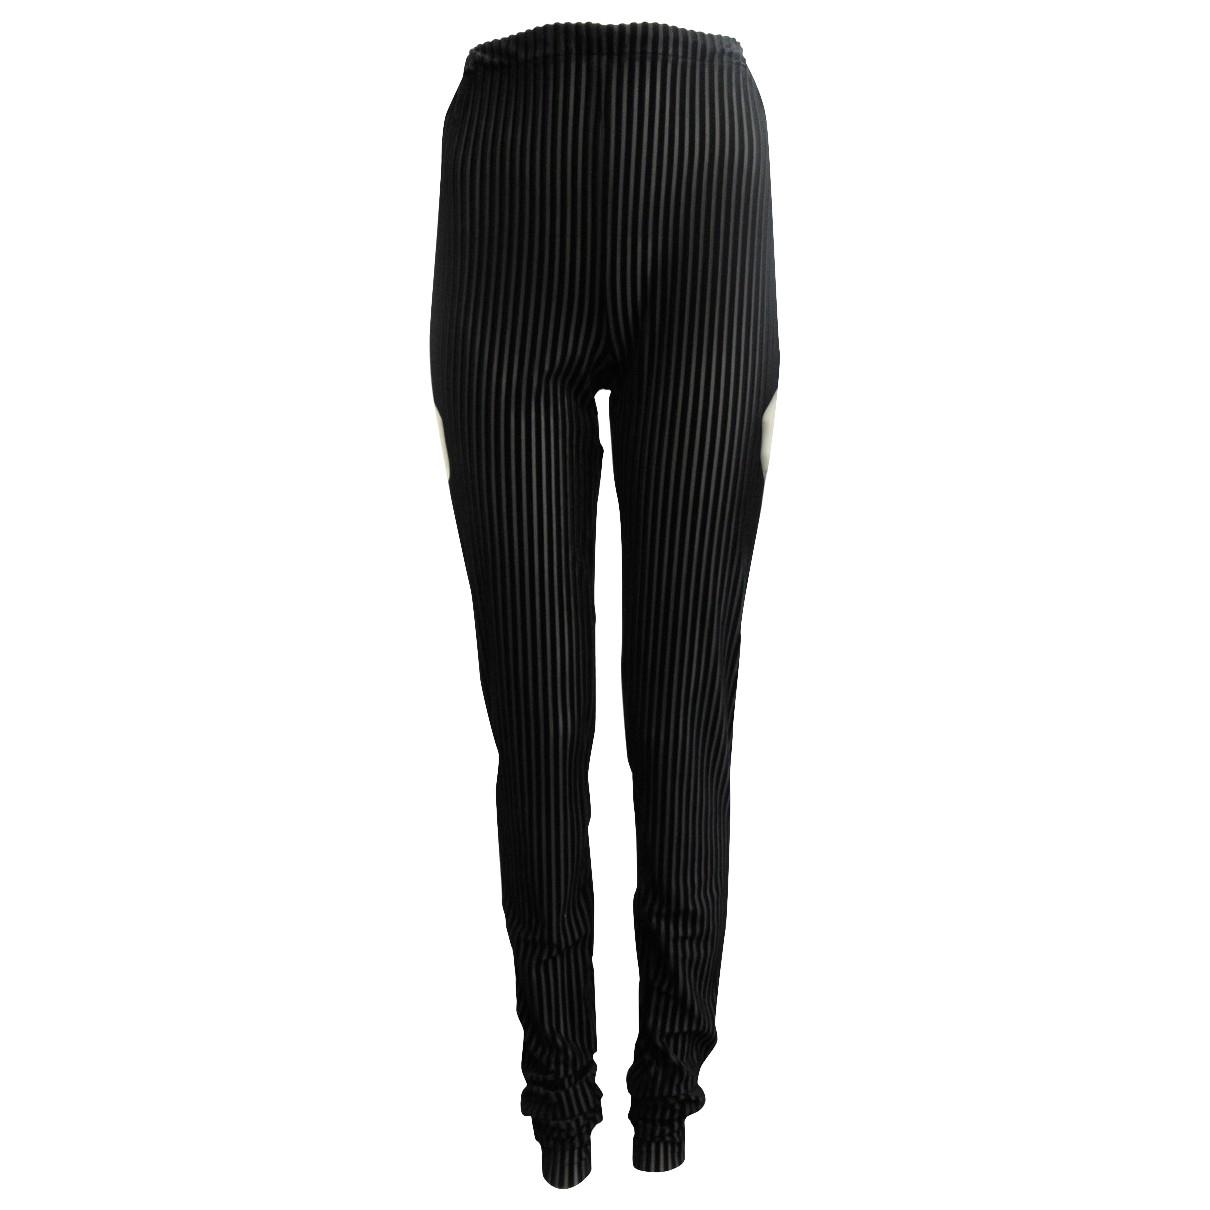 Vionnet \N Black Trousers for Women 40 IT